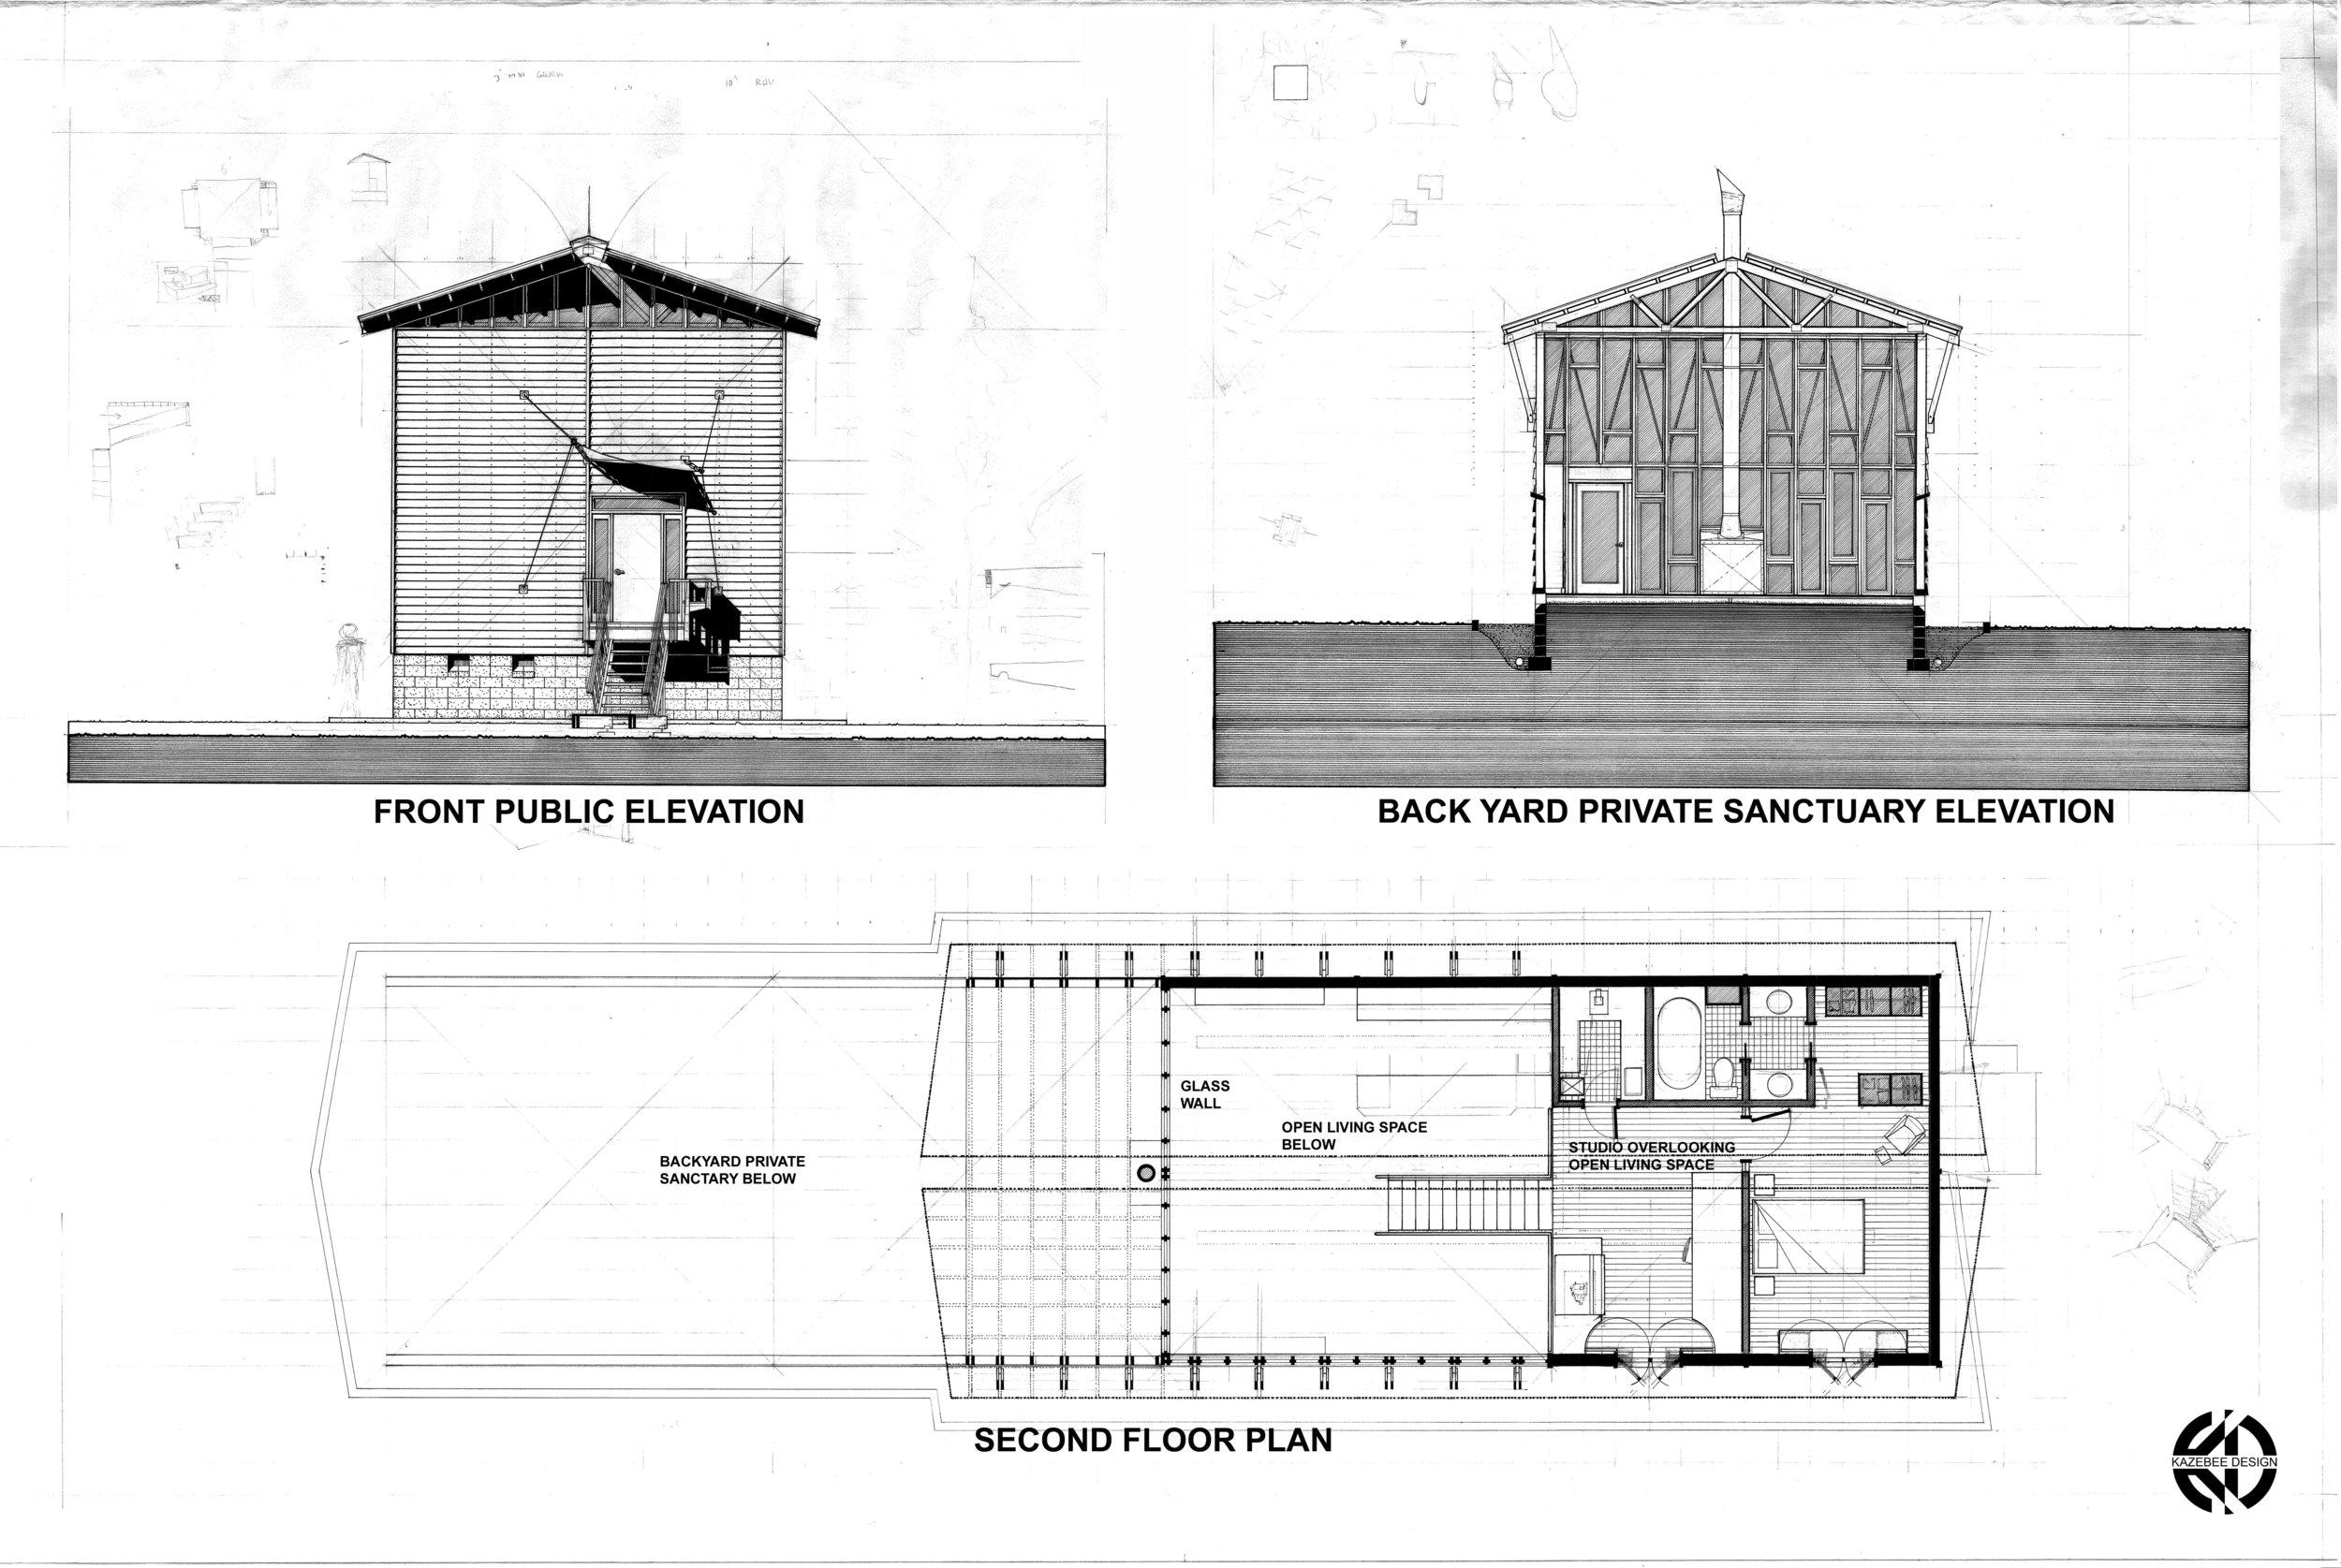 Kazebee House second floor concept image